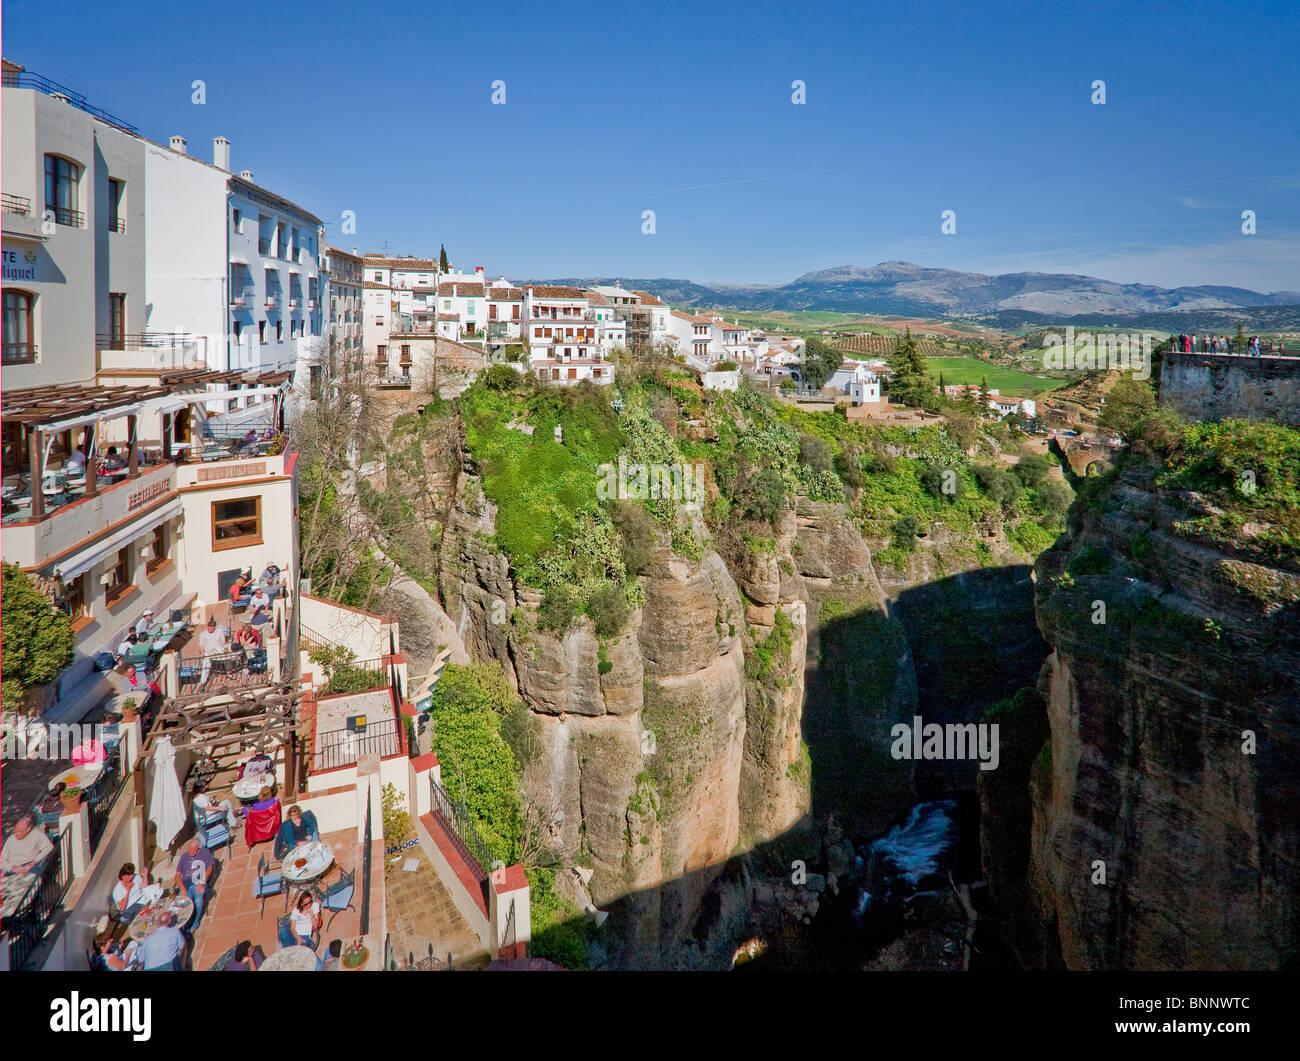 Andalusia spagna Malaga Ronda Medioevo scogliera di protezione di connessione in viaggio turismo vacanza vacanze Immagini Stock